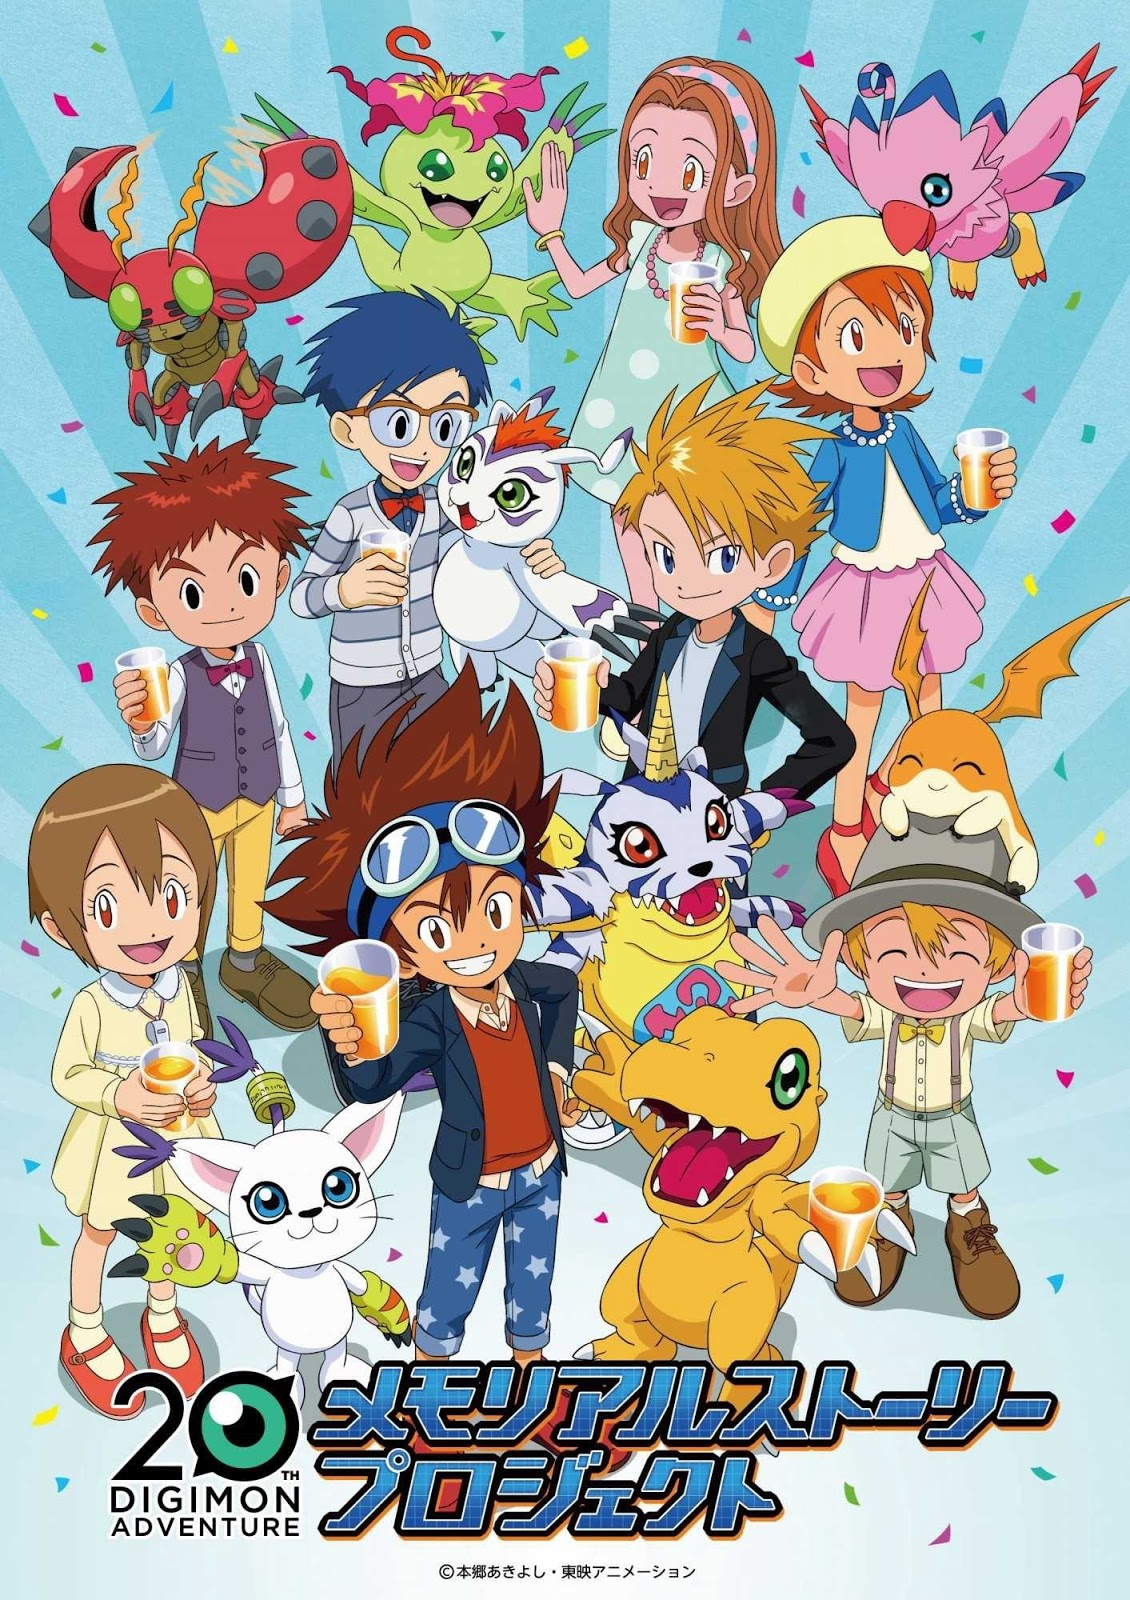 Cuộc  phiêu lưu của các con thú phần 9 -Digimon Adventure 2020